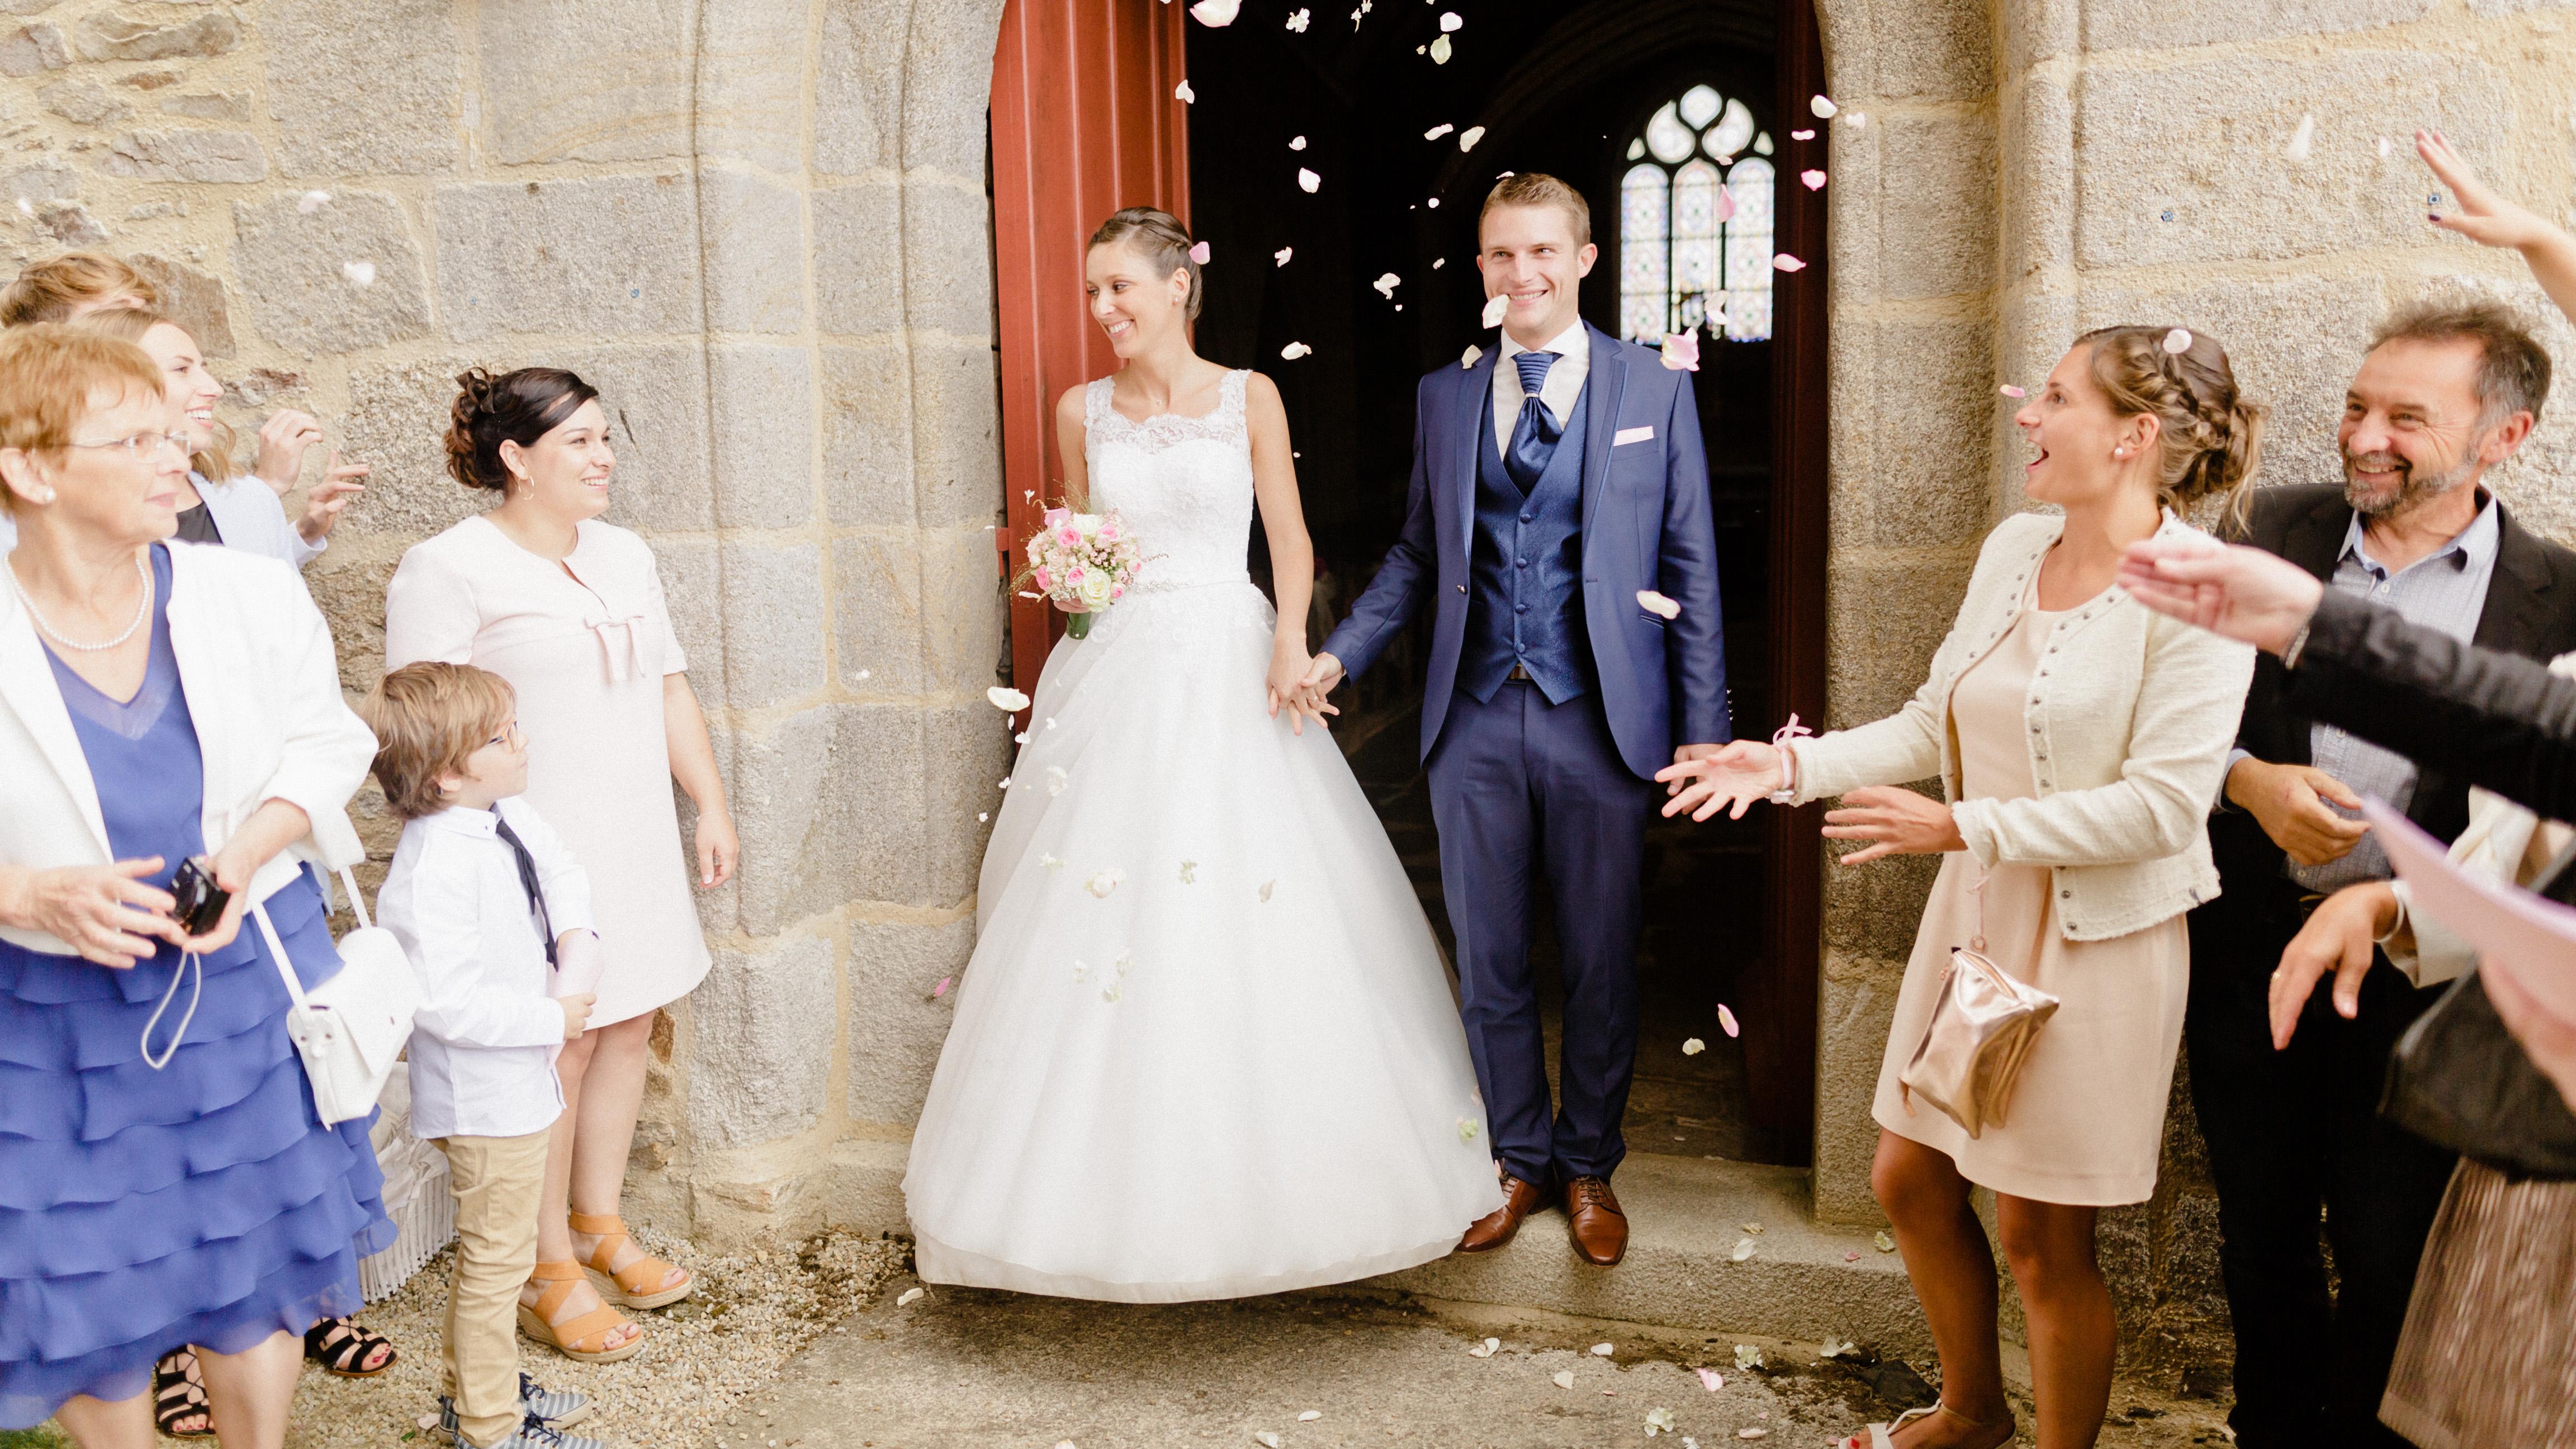 Mariage-Morbihan-Bretagne-Vannes-Lilian Vezin (83)